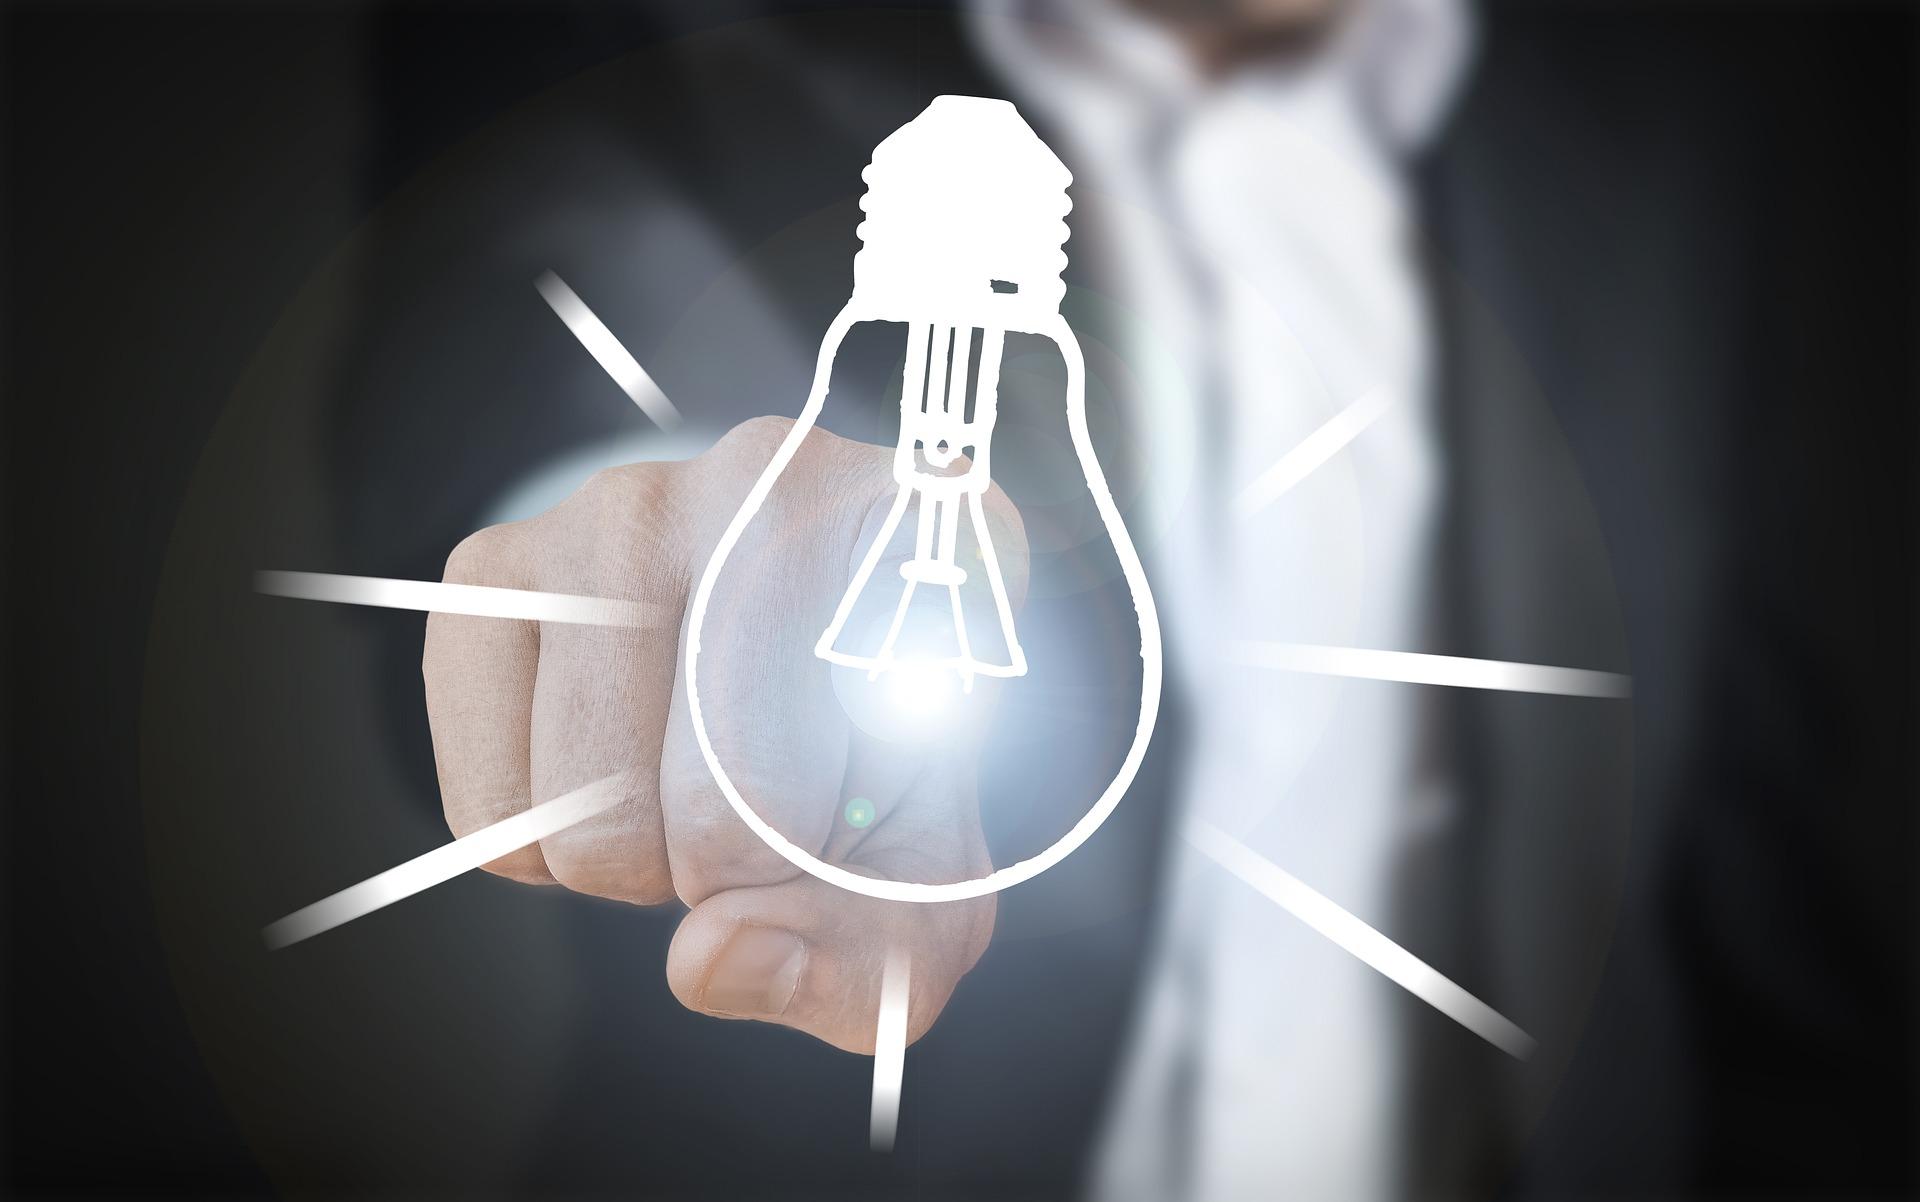 idea light bulb pointing finger